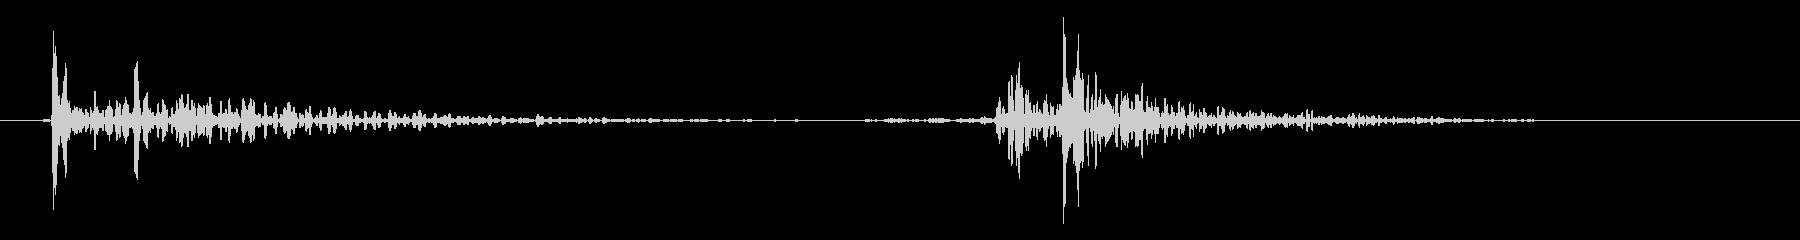 皿を置く効果音 10の未再生の波形